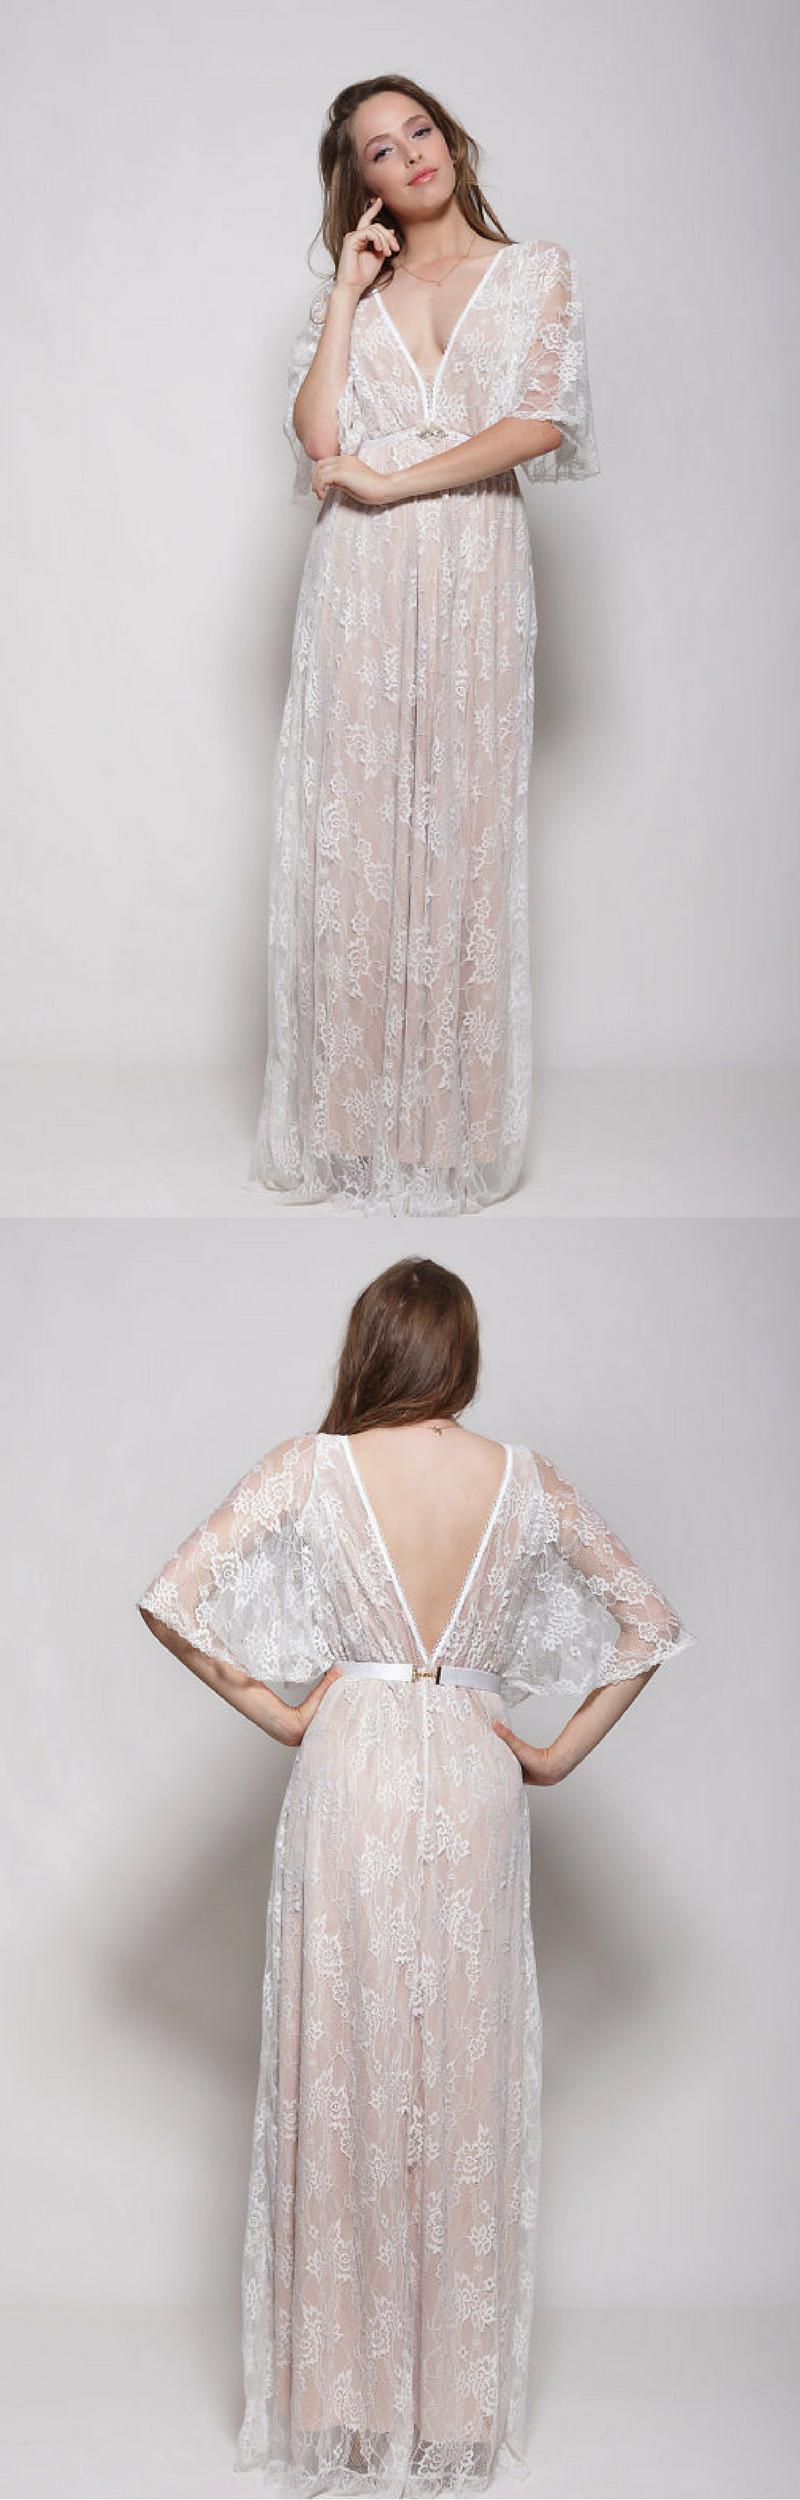 Lace wedding dress low back  Gorgeous bohemian lace wedding dress I love wedding lace dress